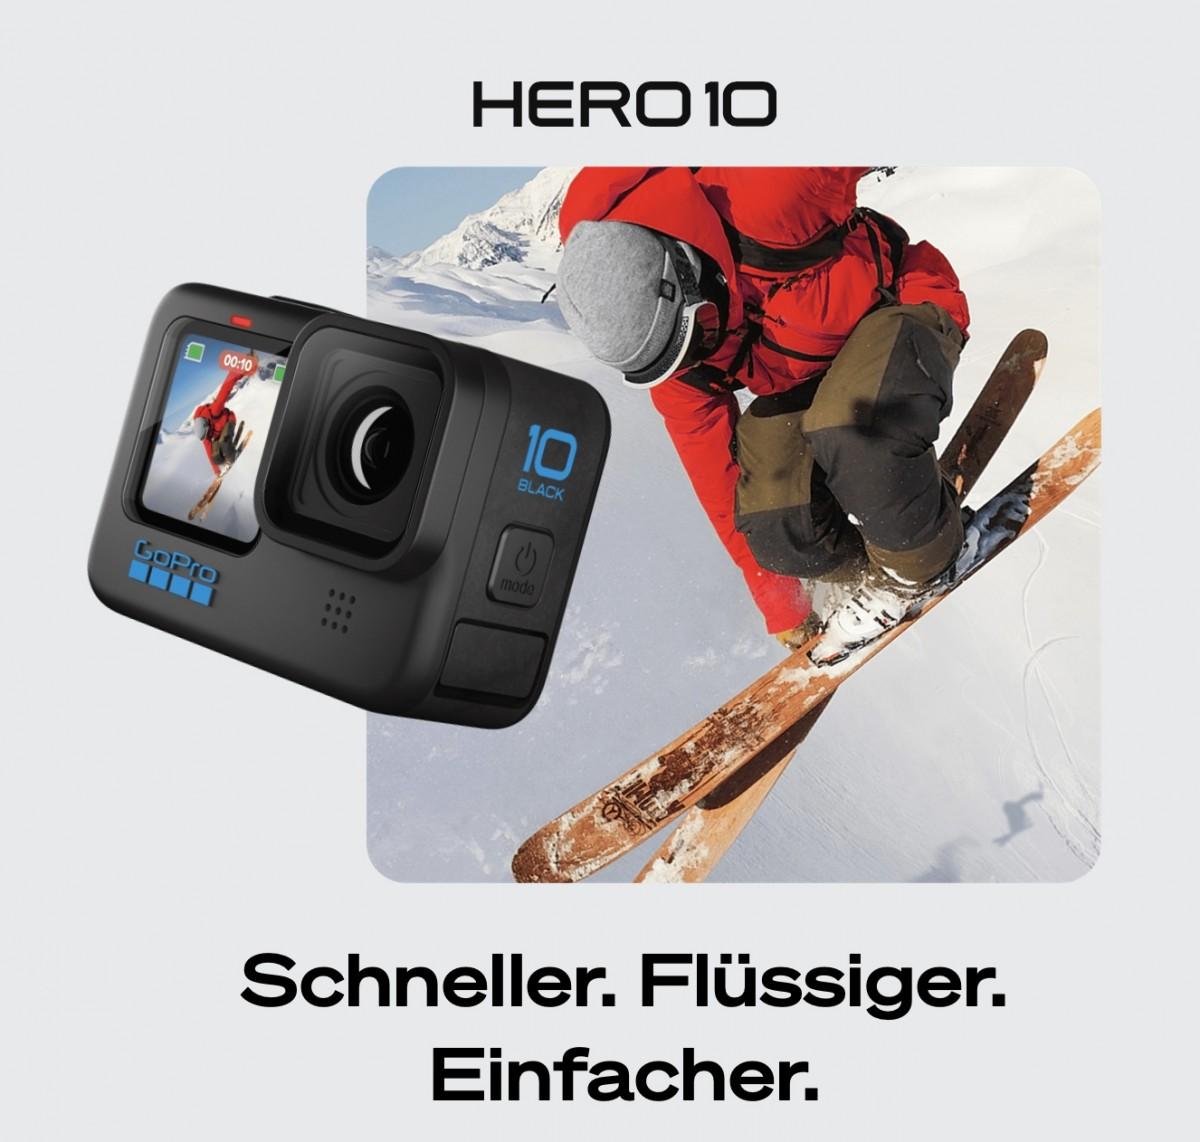 GoPro HERO 10 Schneller, flüssiger, einfacher